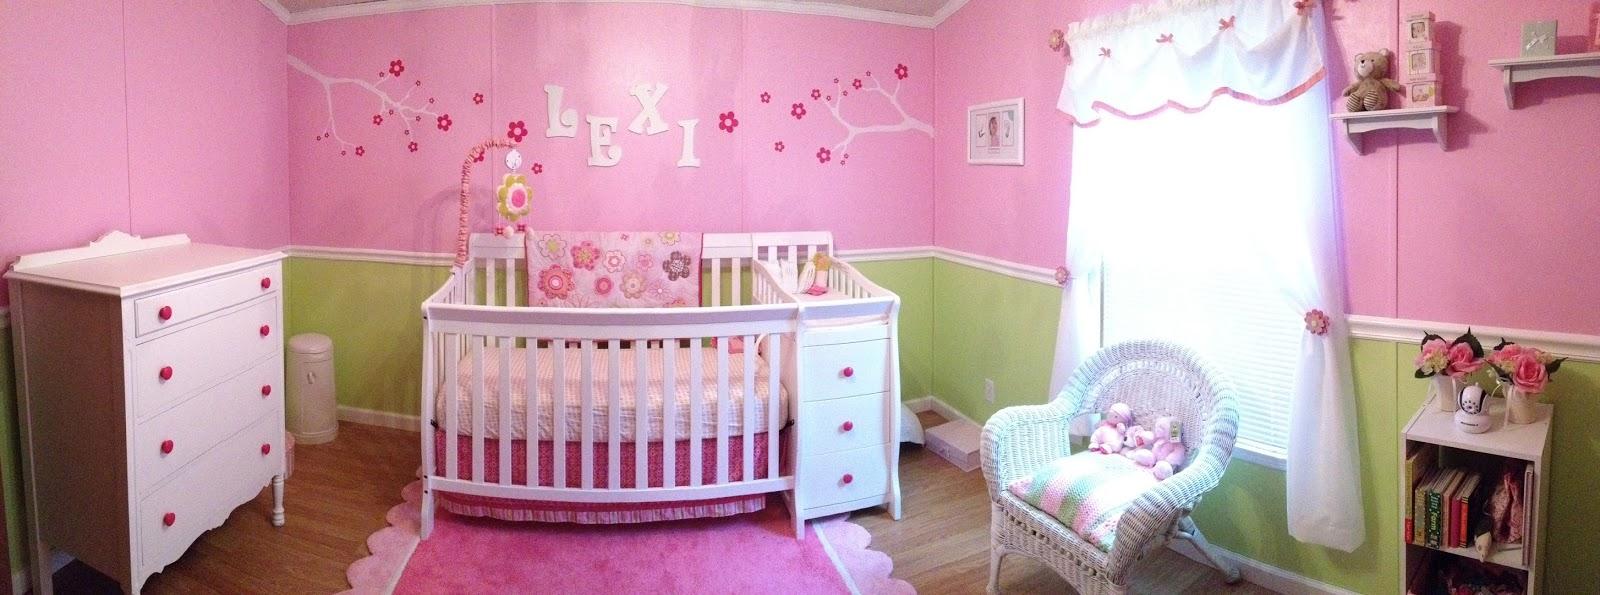 peinture chambre b b fille rose et vert b b et d coration chambre b b sant b b beau. Black Bedroom Furniture Sets. Home Design Ideas